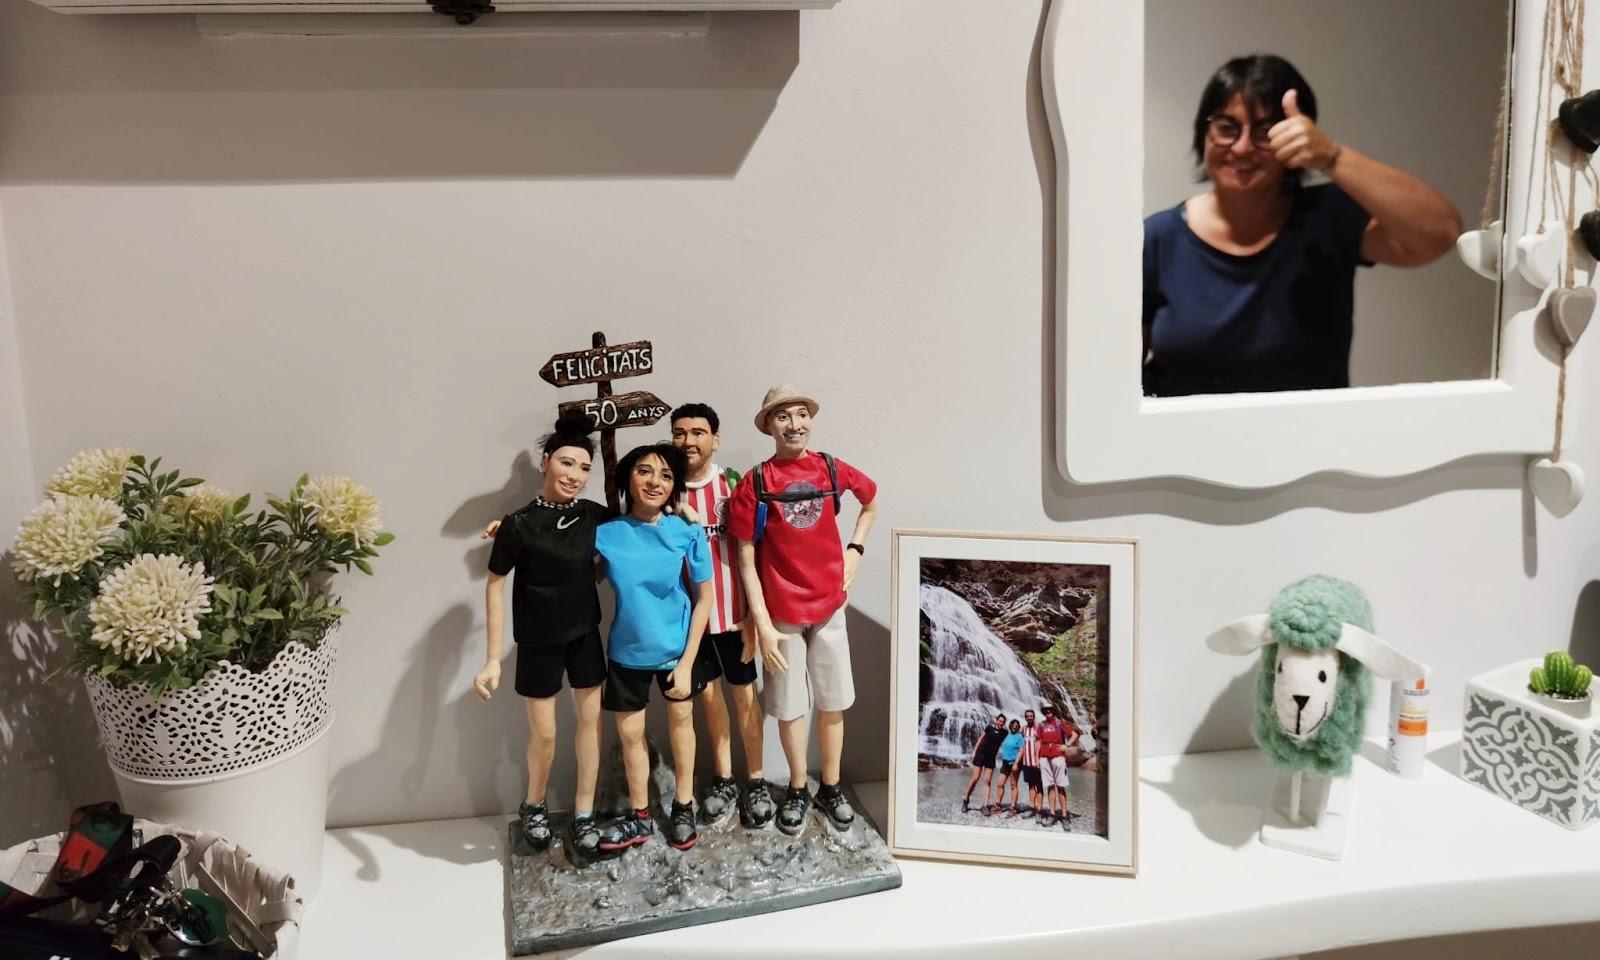 figuras para decorar de tu familia como la foto